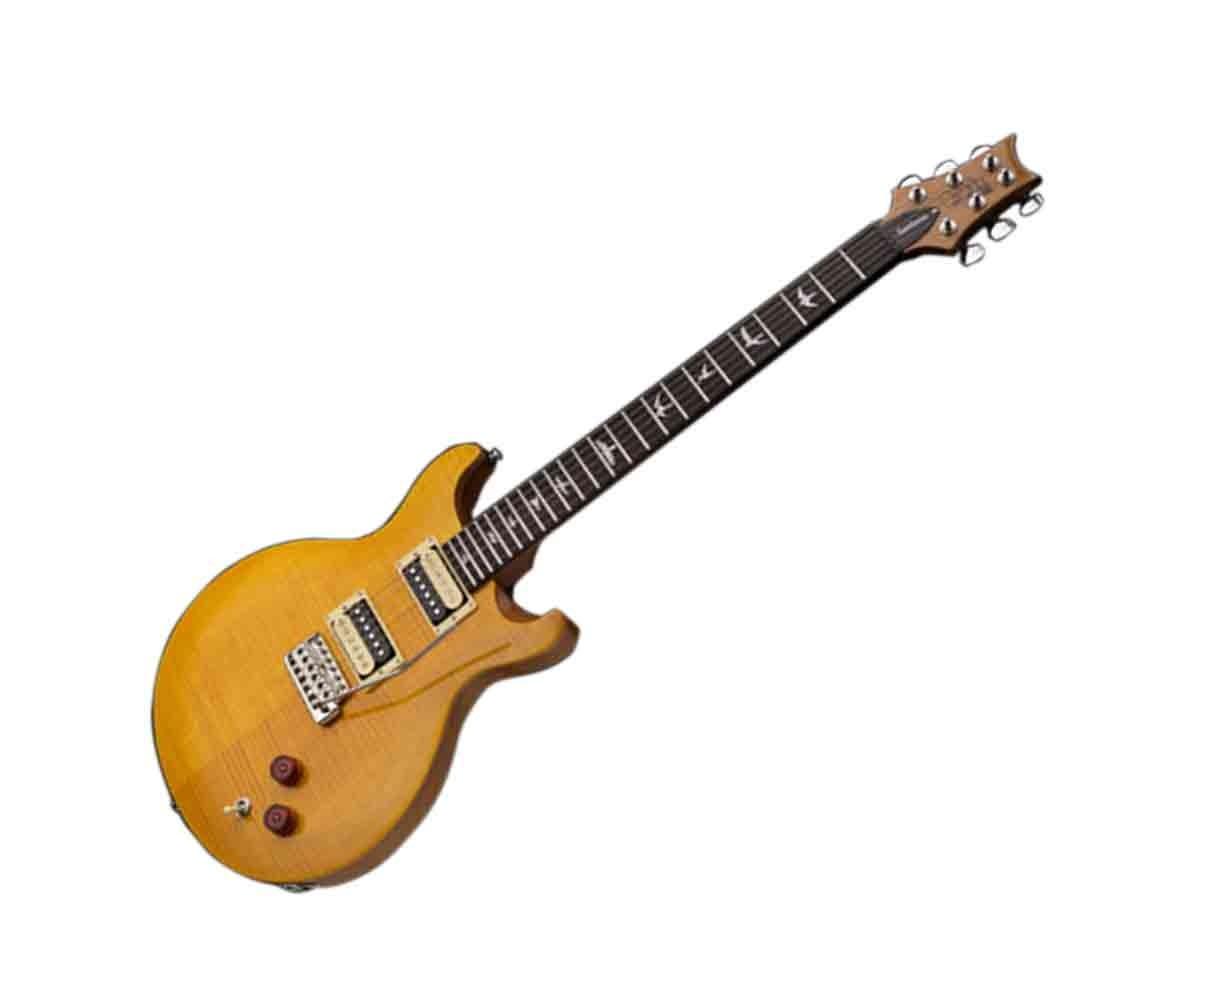 PRS SE Santana Electric Guitar - Santana Yellow